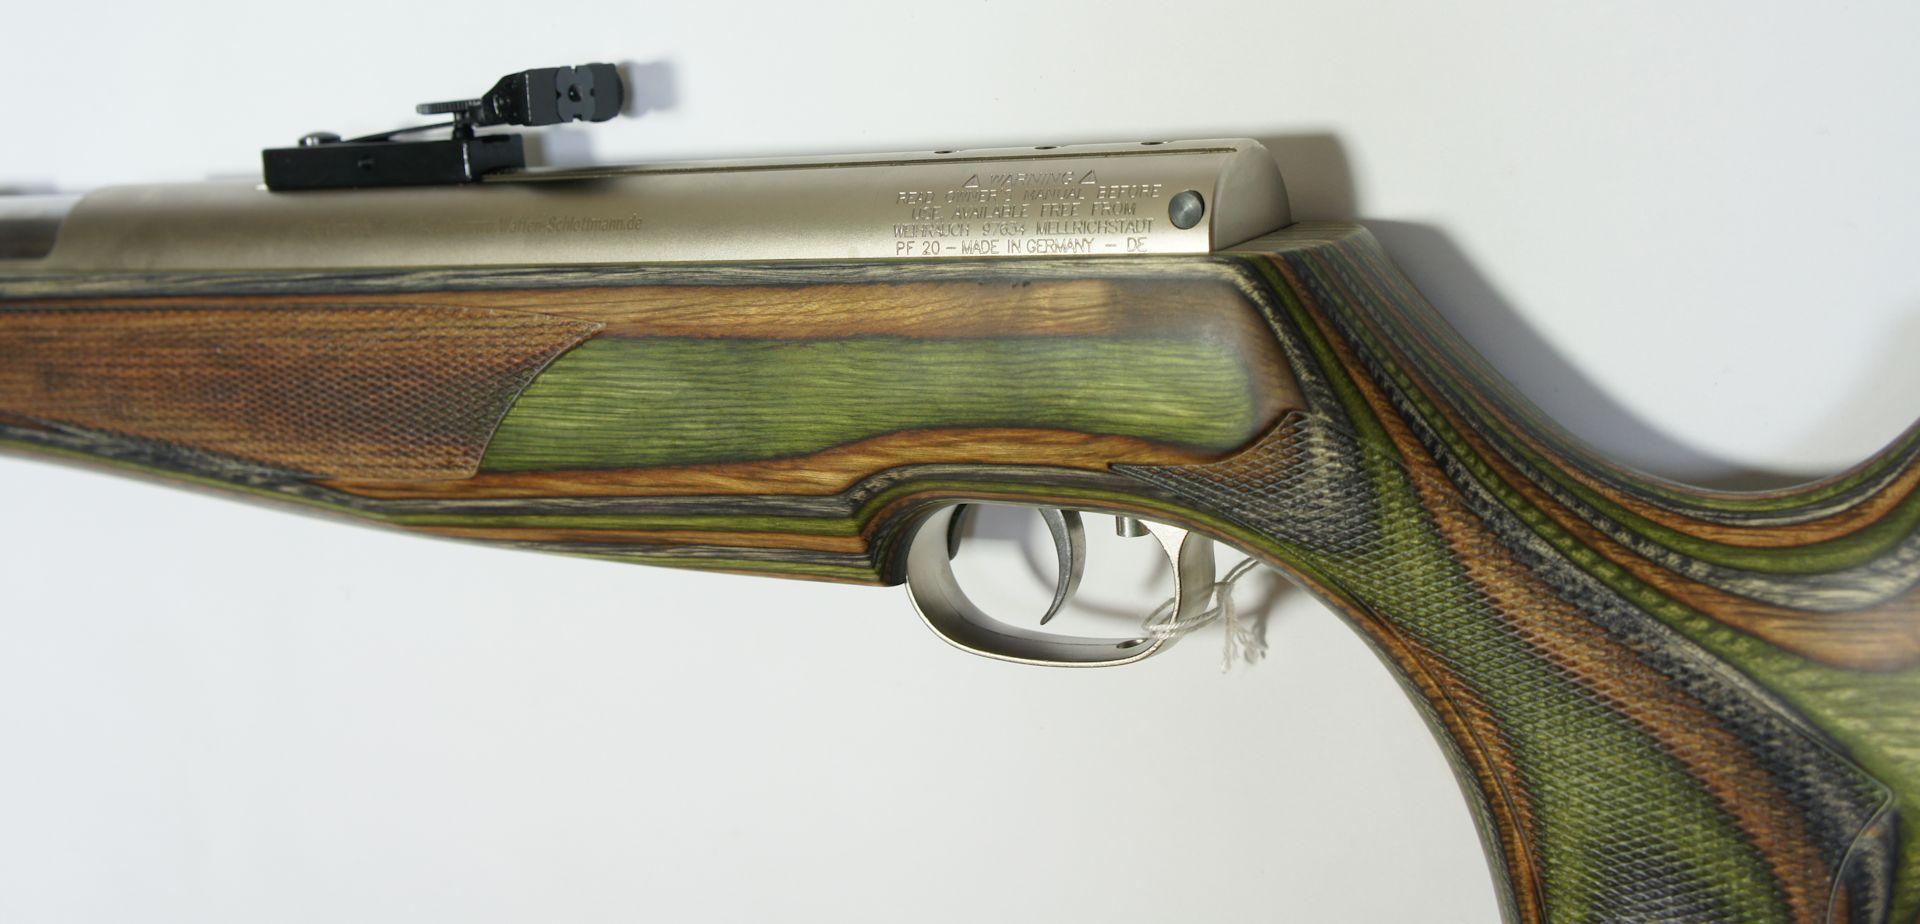 Das vernickelte System vom Luftgewehr harmoniert sehr gut mit dem grünen Schichtholz